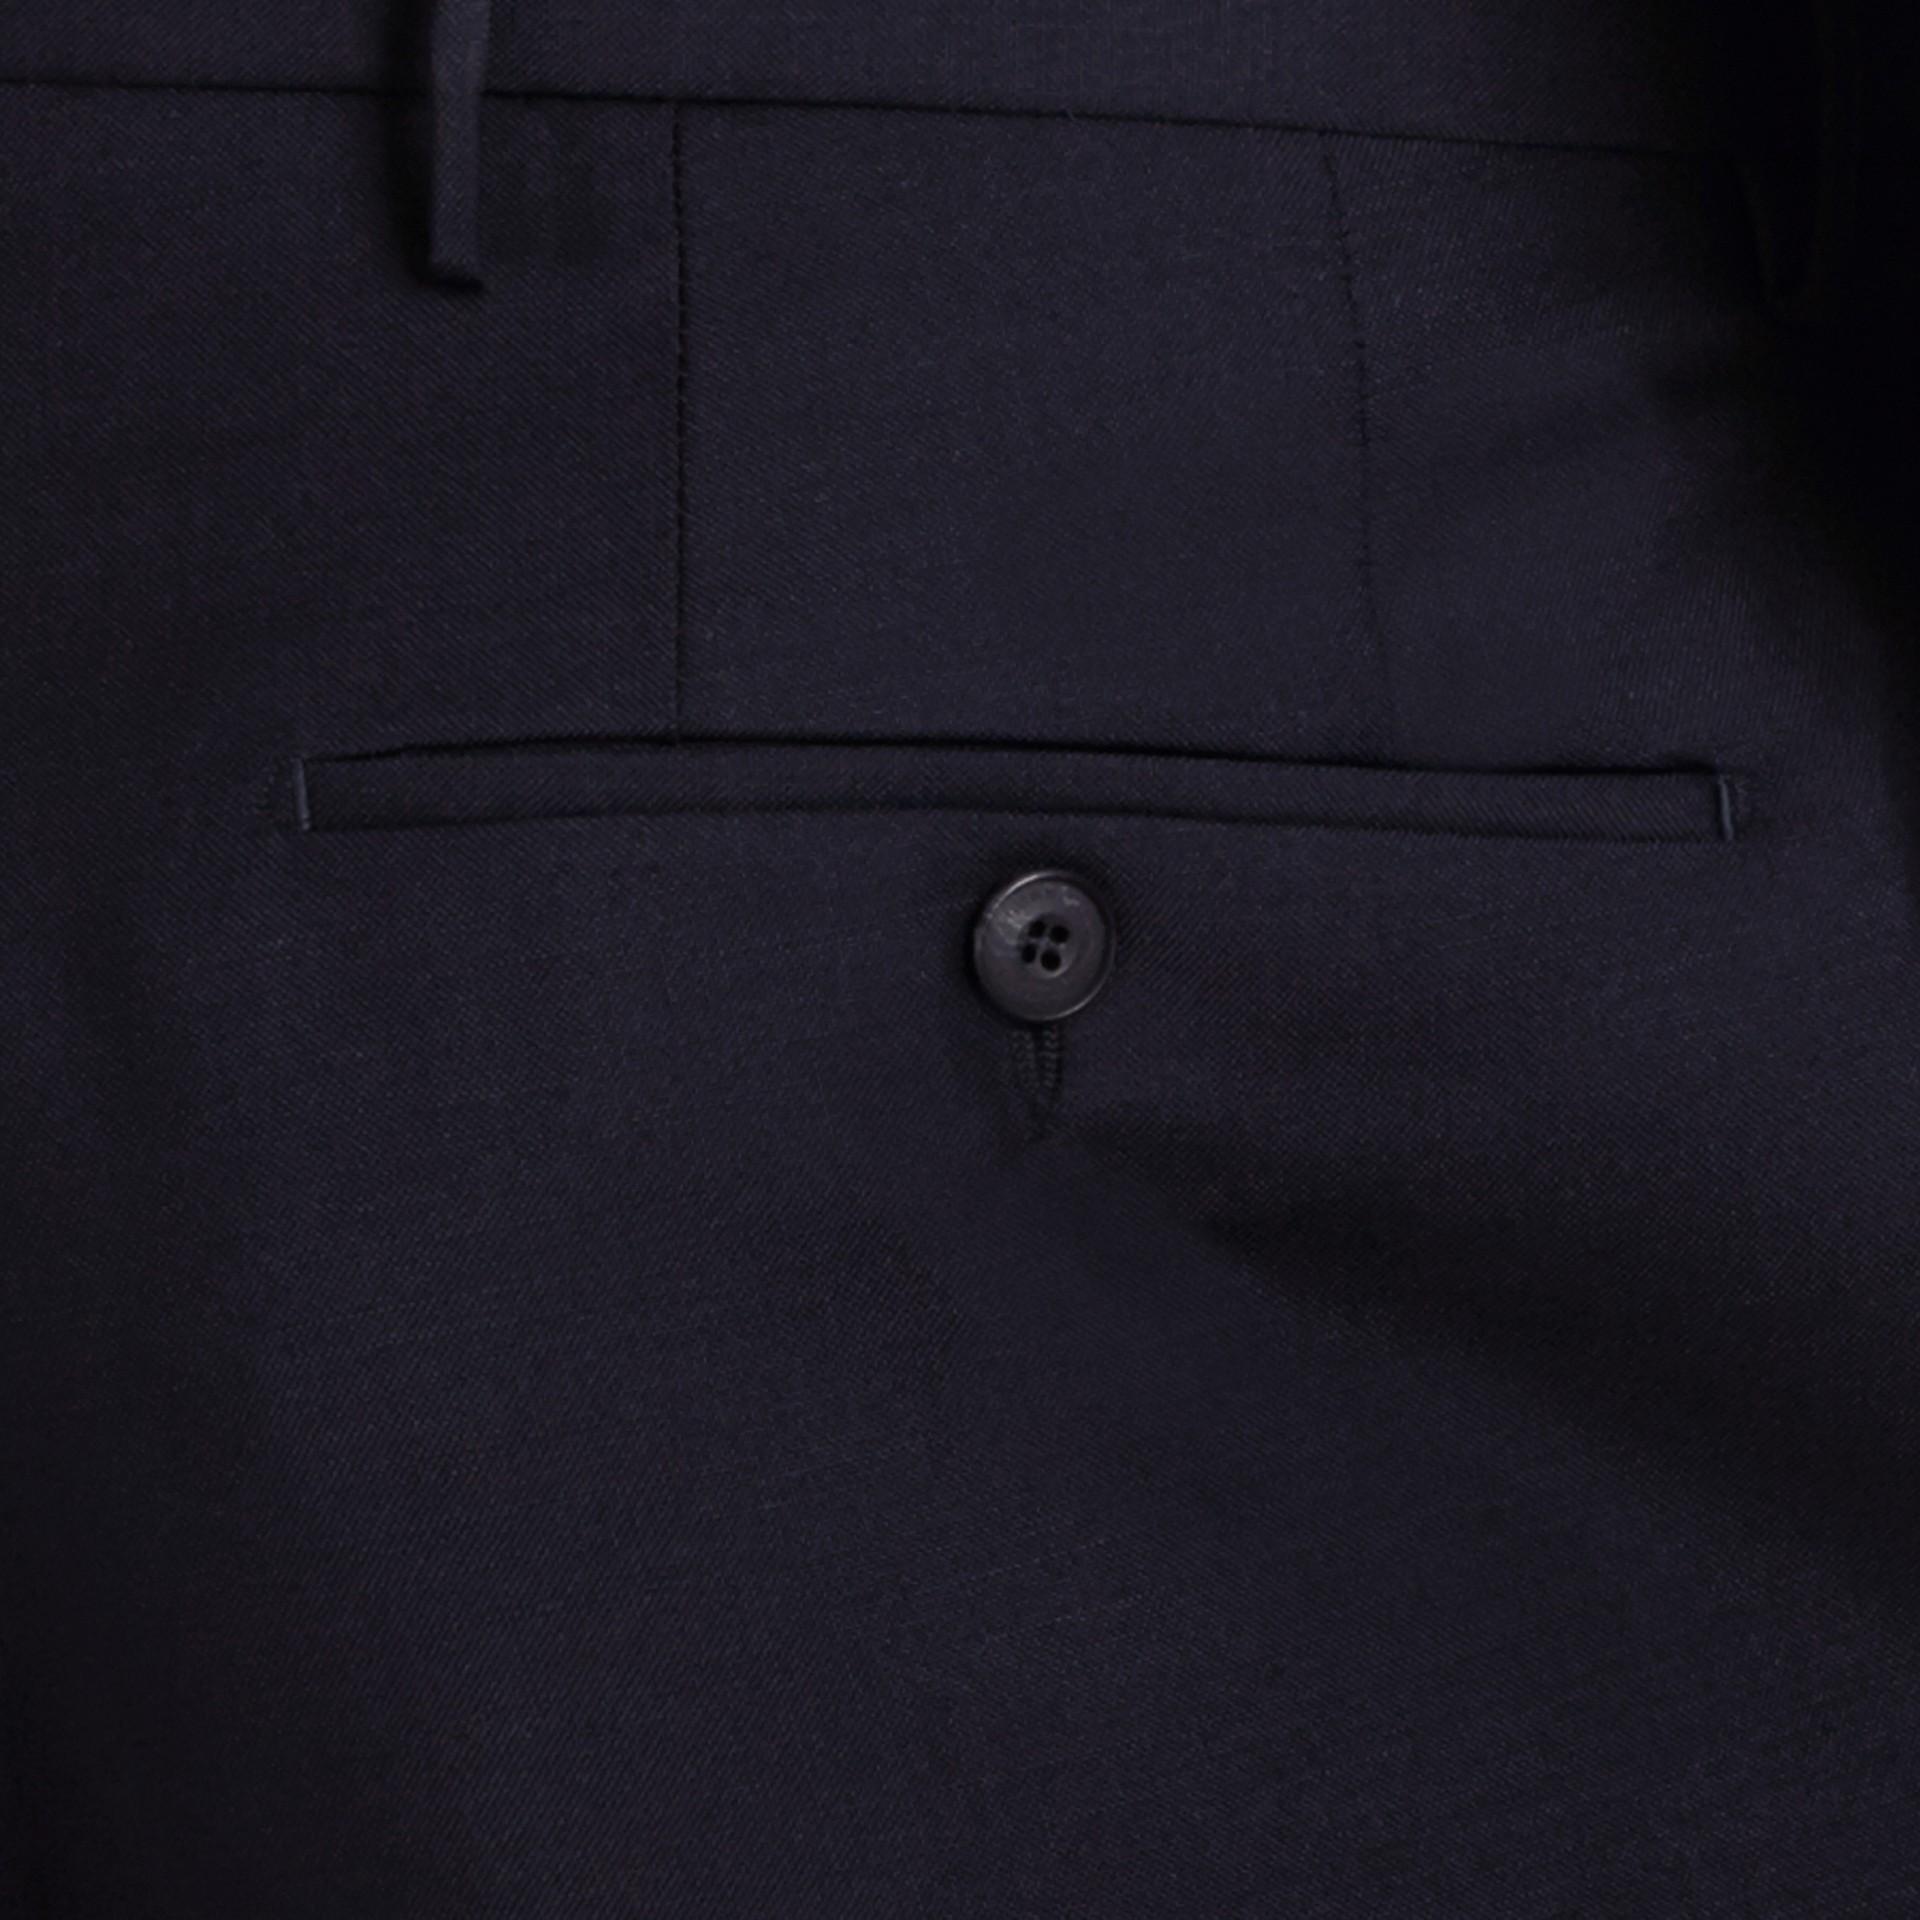 現代剪裁羊毛馬海長褲 正海軍藍 - 圖庫照片 2